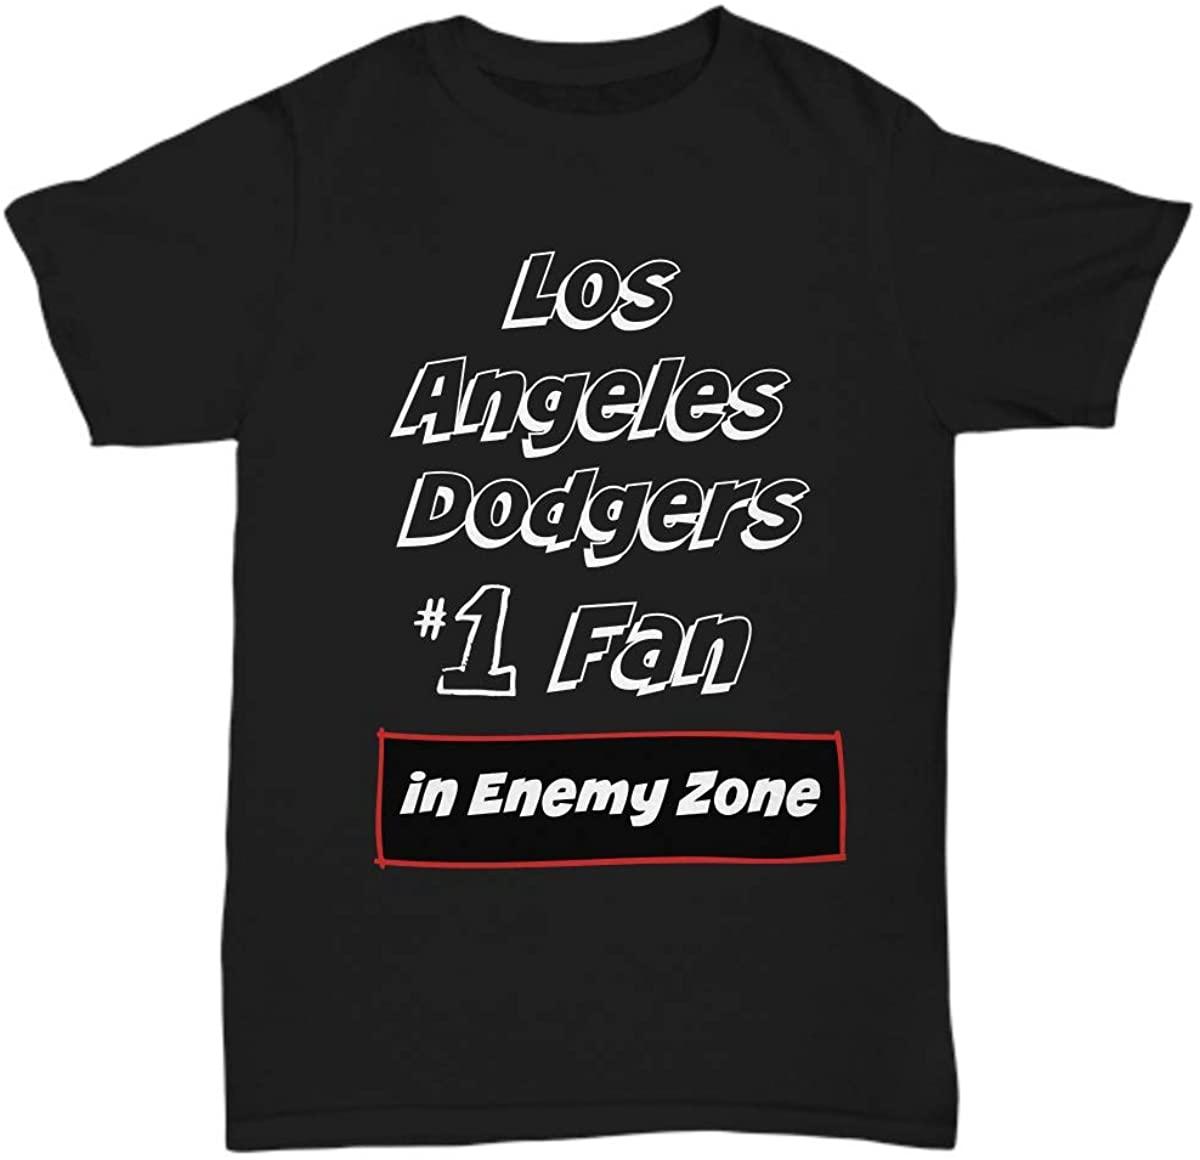 GoGarden Fun Football League Sports Team Super Fan Lover Big T Shirt - No1 Fan Los Angeles Dodgersin Enemy Zone Football Team Tee - Unisex Tee Black